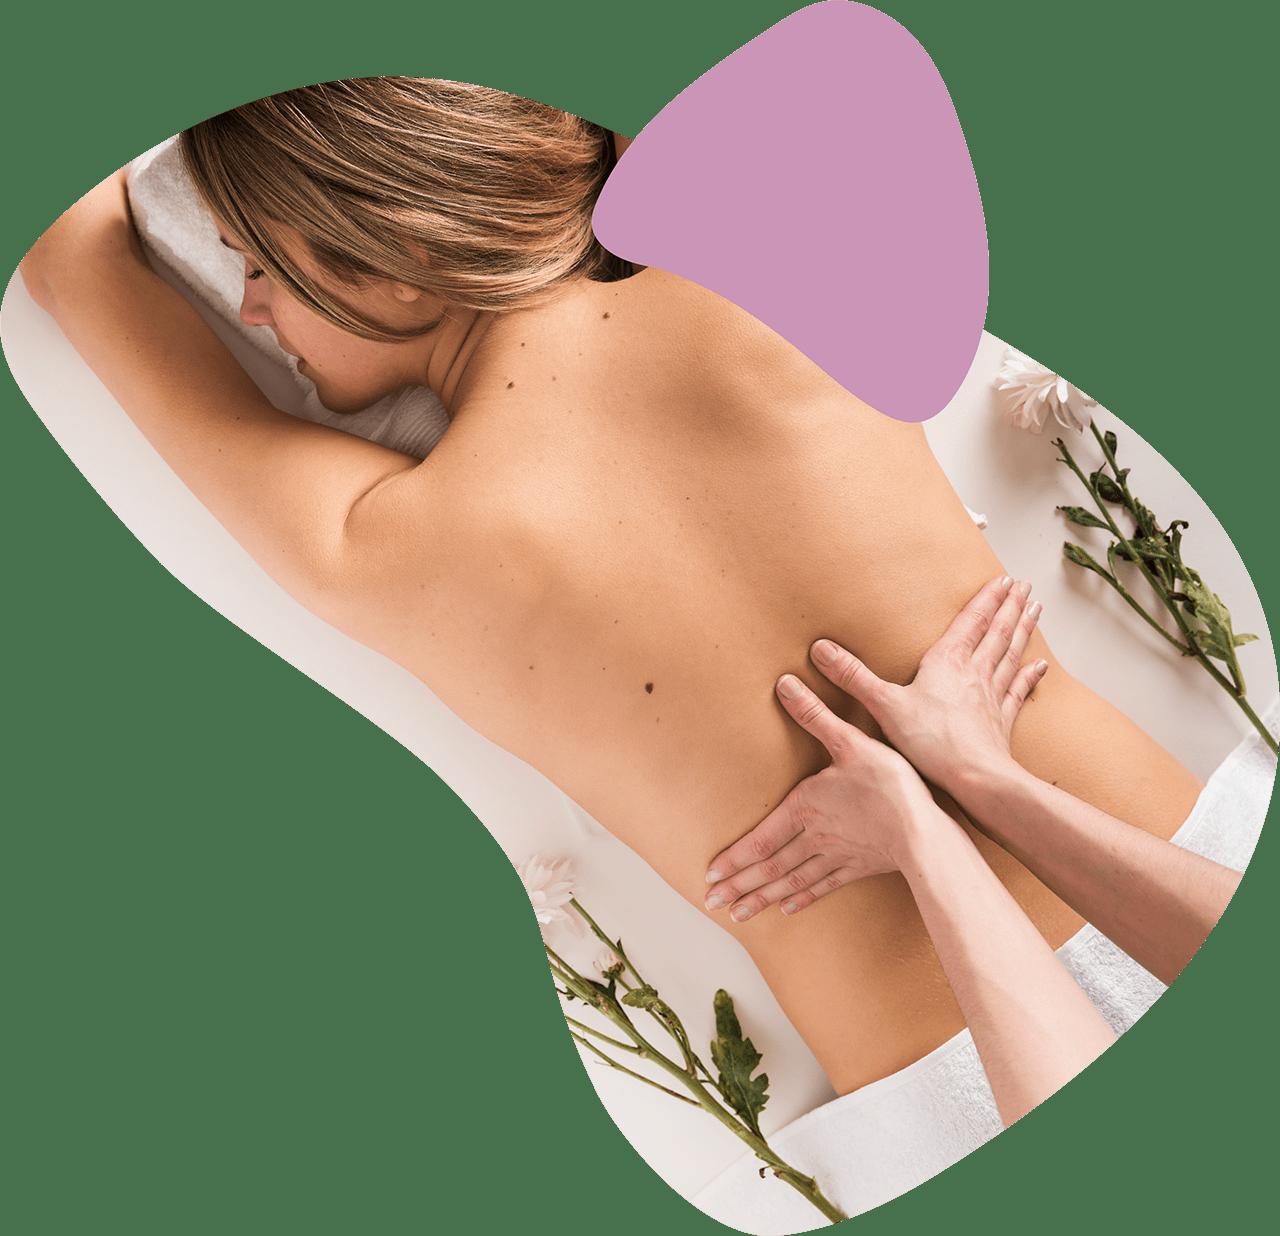 Femme Motion - Fitness und Sport in Villach - bonus Massagen nach dem Training als Zusatzangebote und noch viel mehr